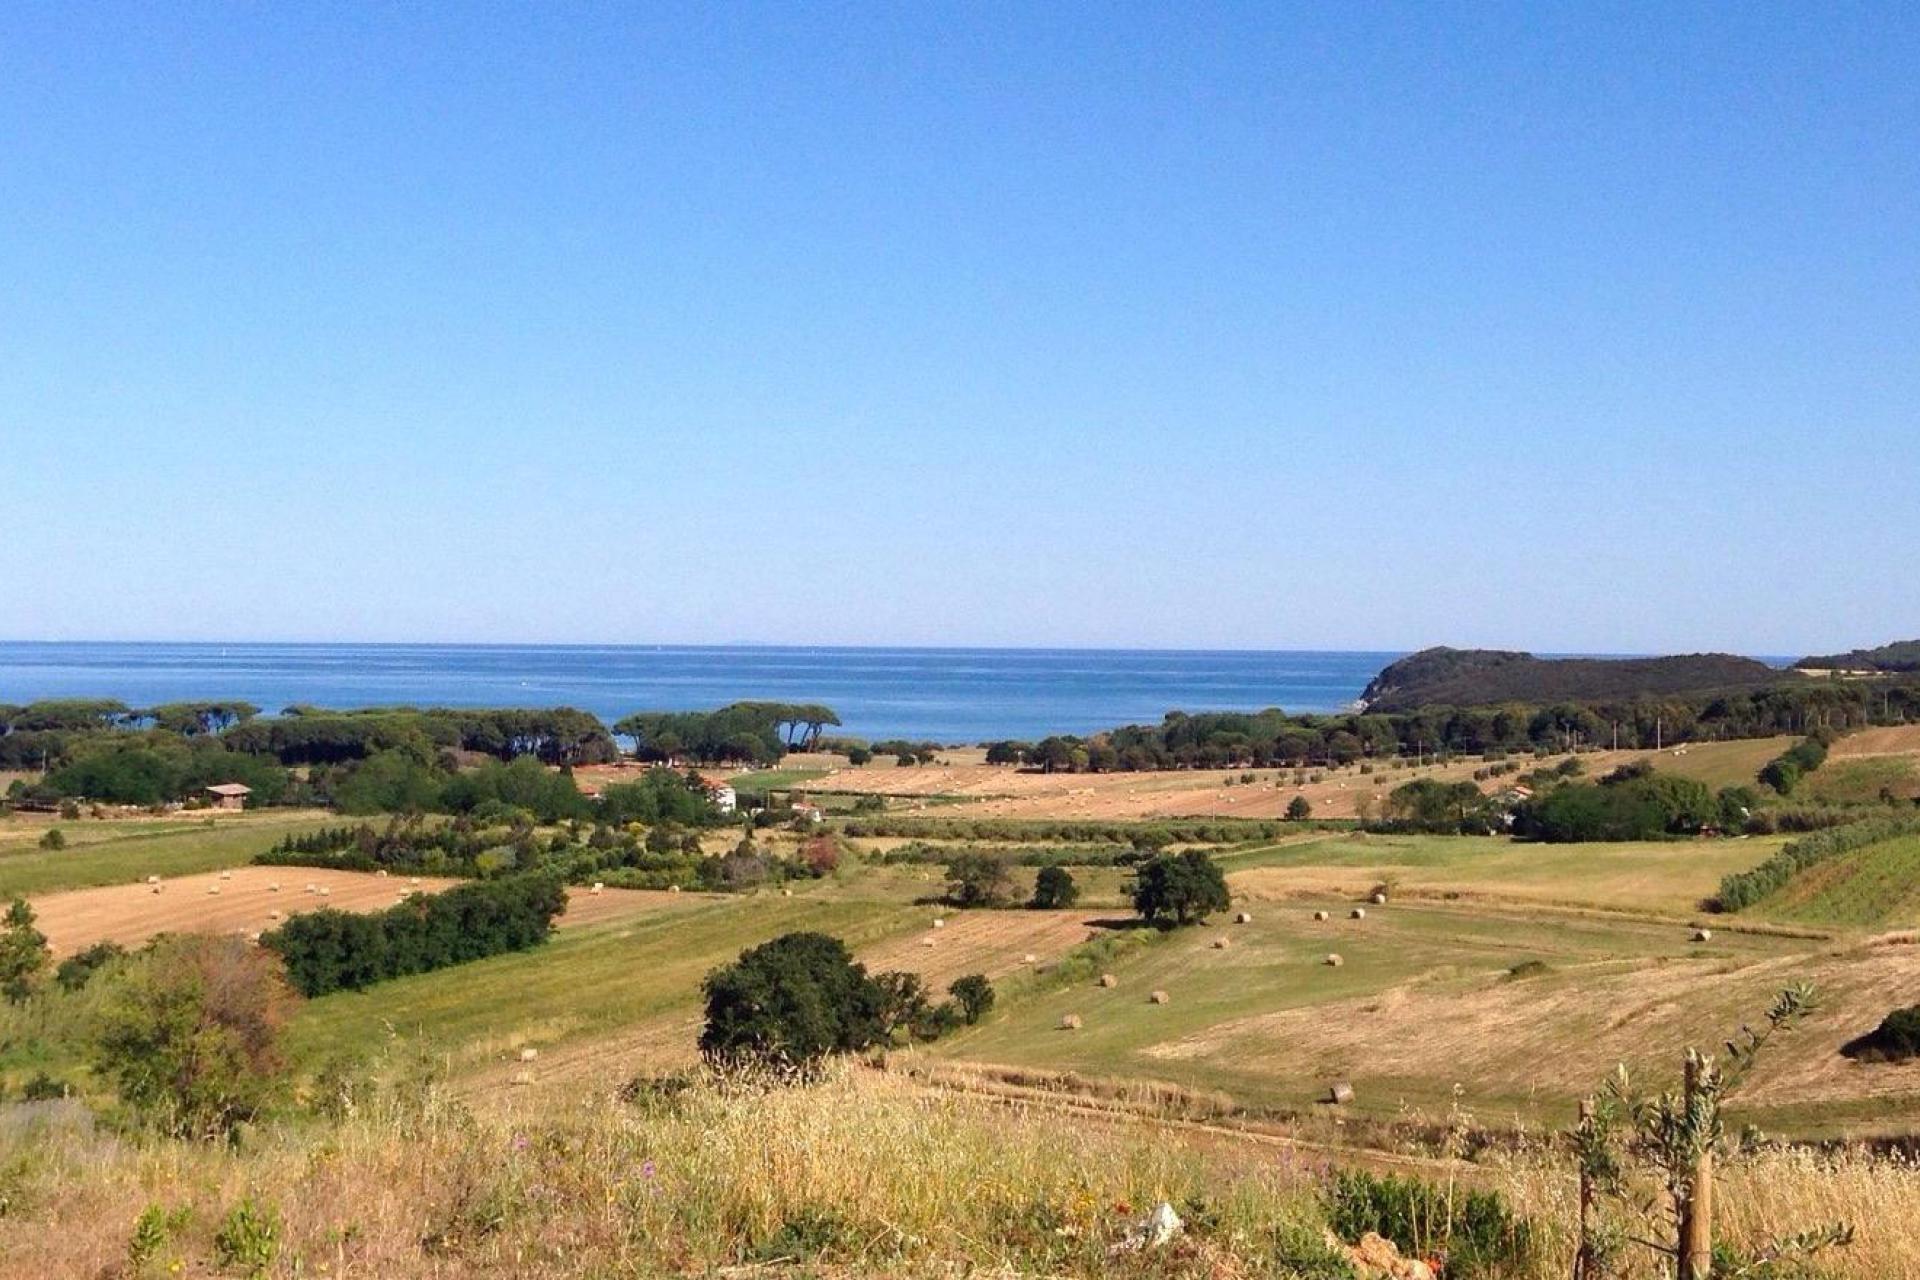 Agriturismo Toscana Agriturismo nel sud della Toscana vicino al mare